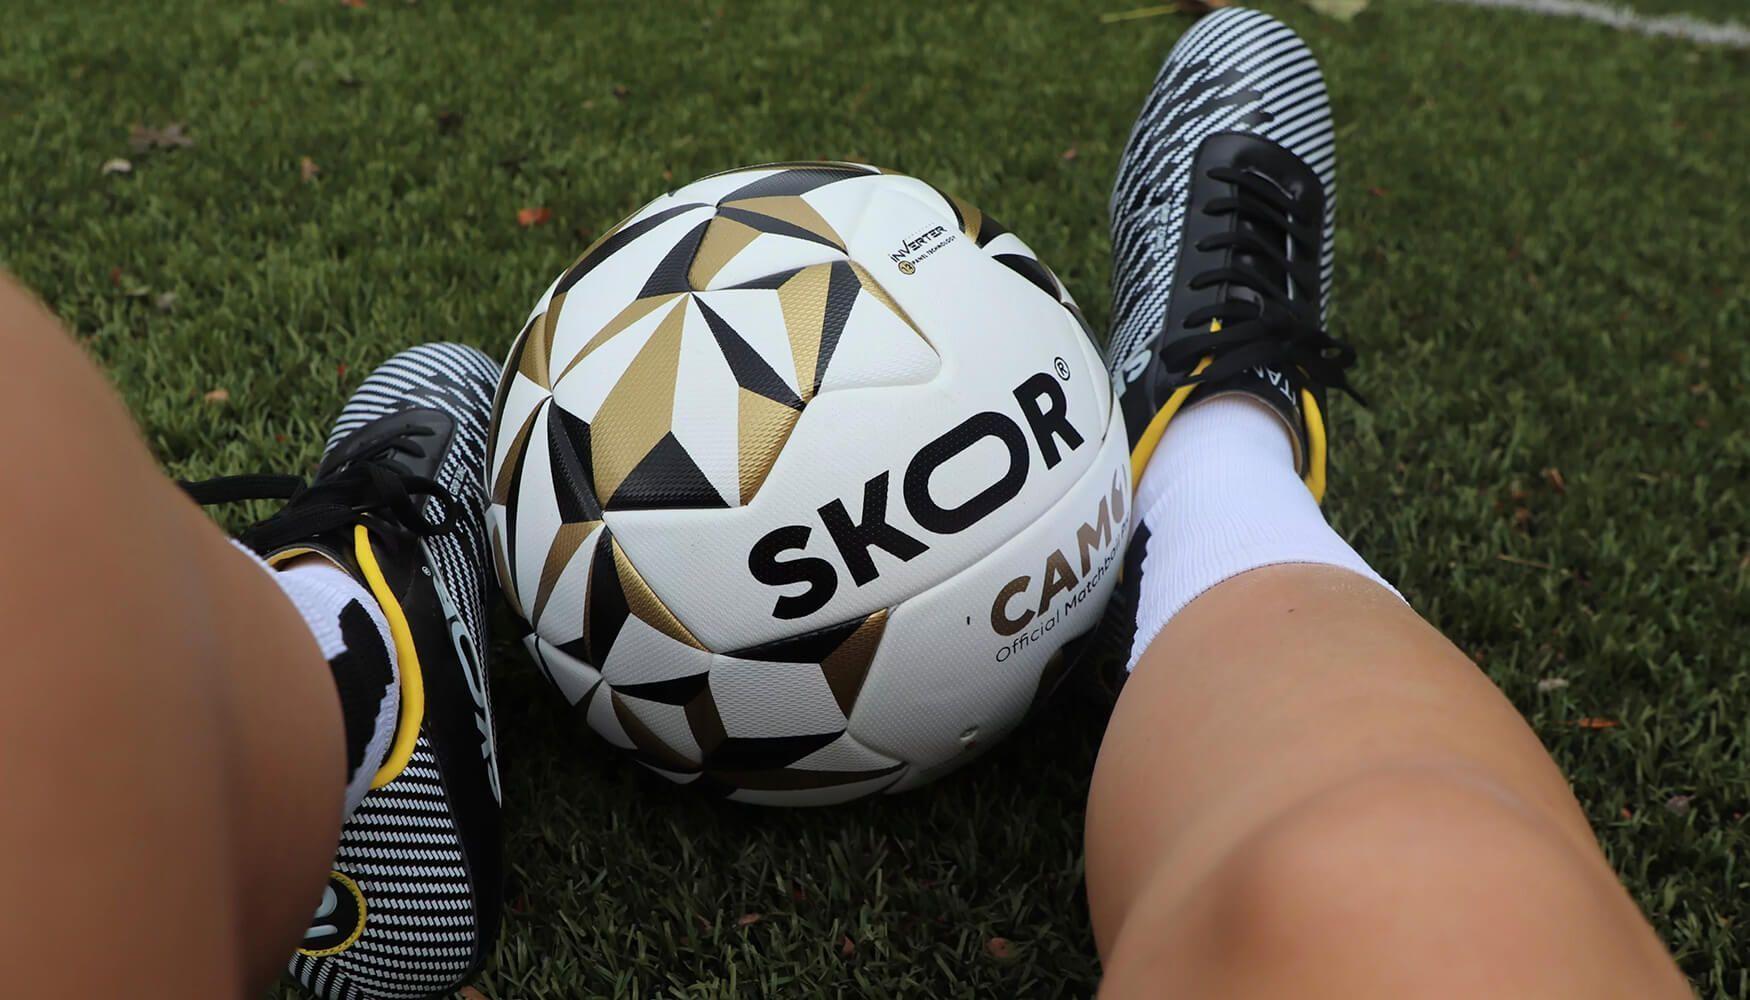 Waarom Sportclub Martinus kiest voor de ballen van SKOR!